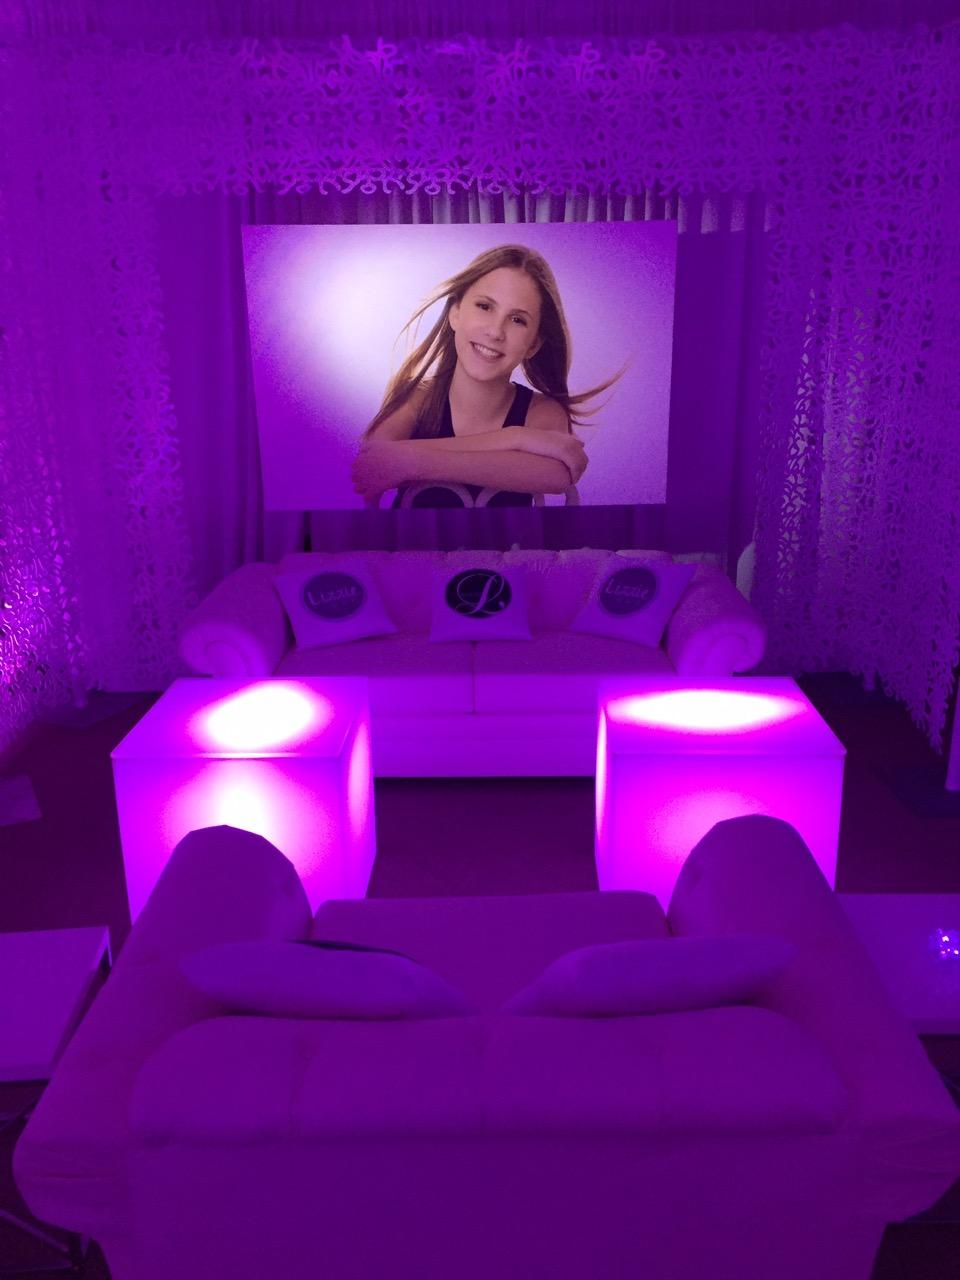 Eggsotic+Events+Purple+Lounge+Rental+NJ+-+1.jpg